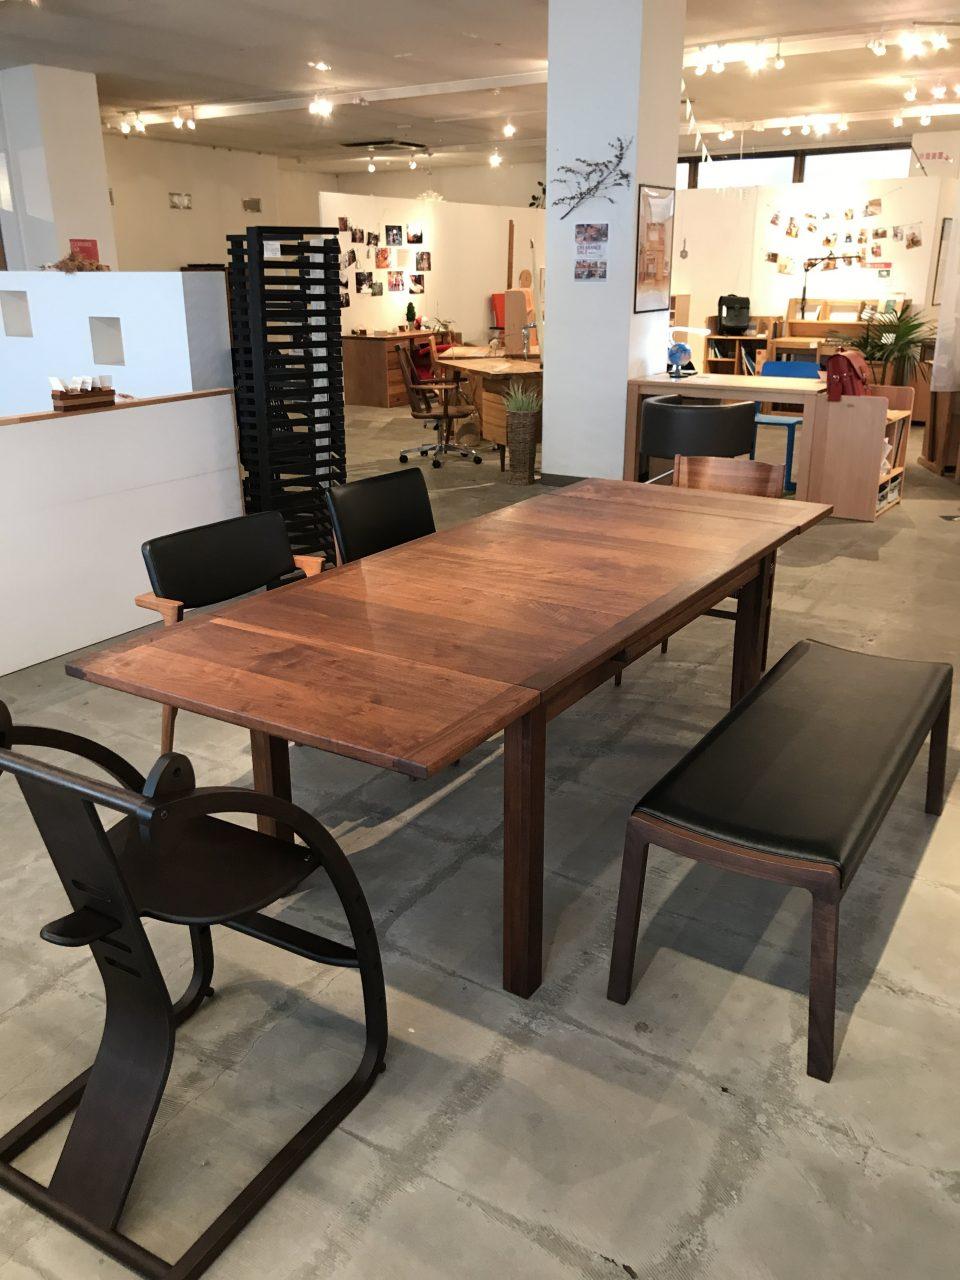 ウォールナット材の伸長式のダイニングテーブルが大きくなりました